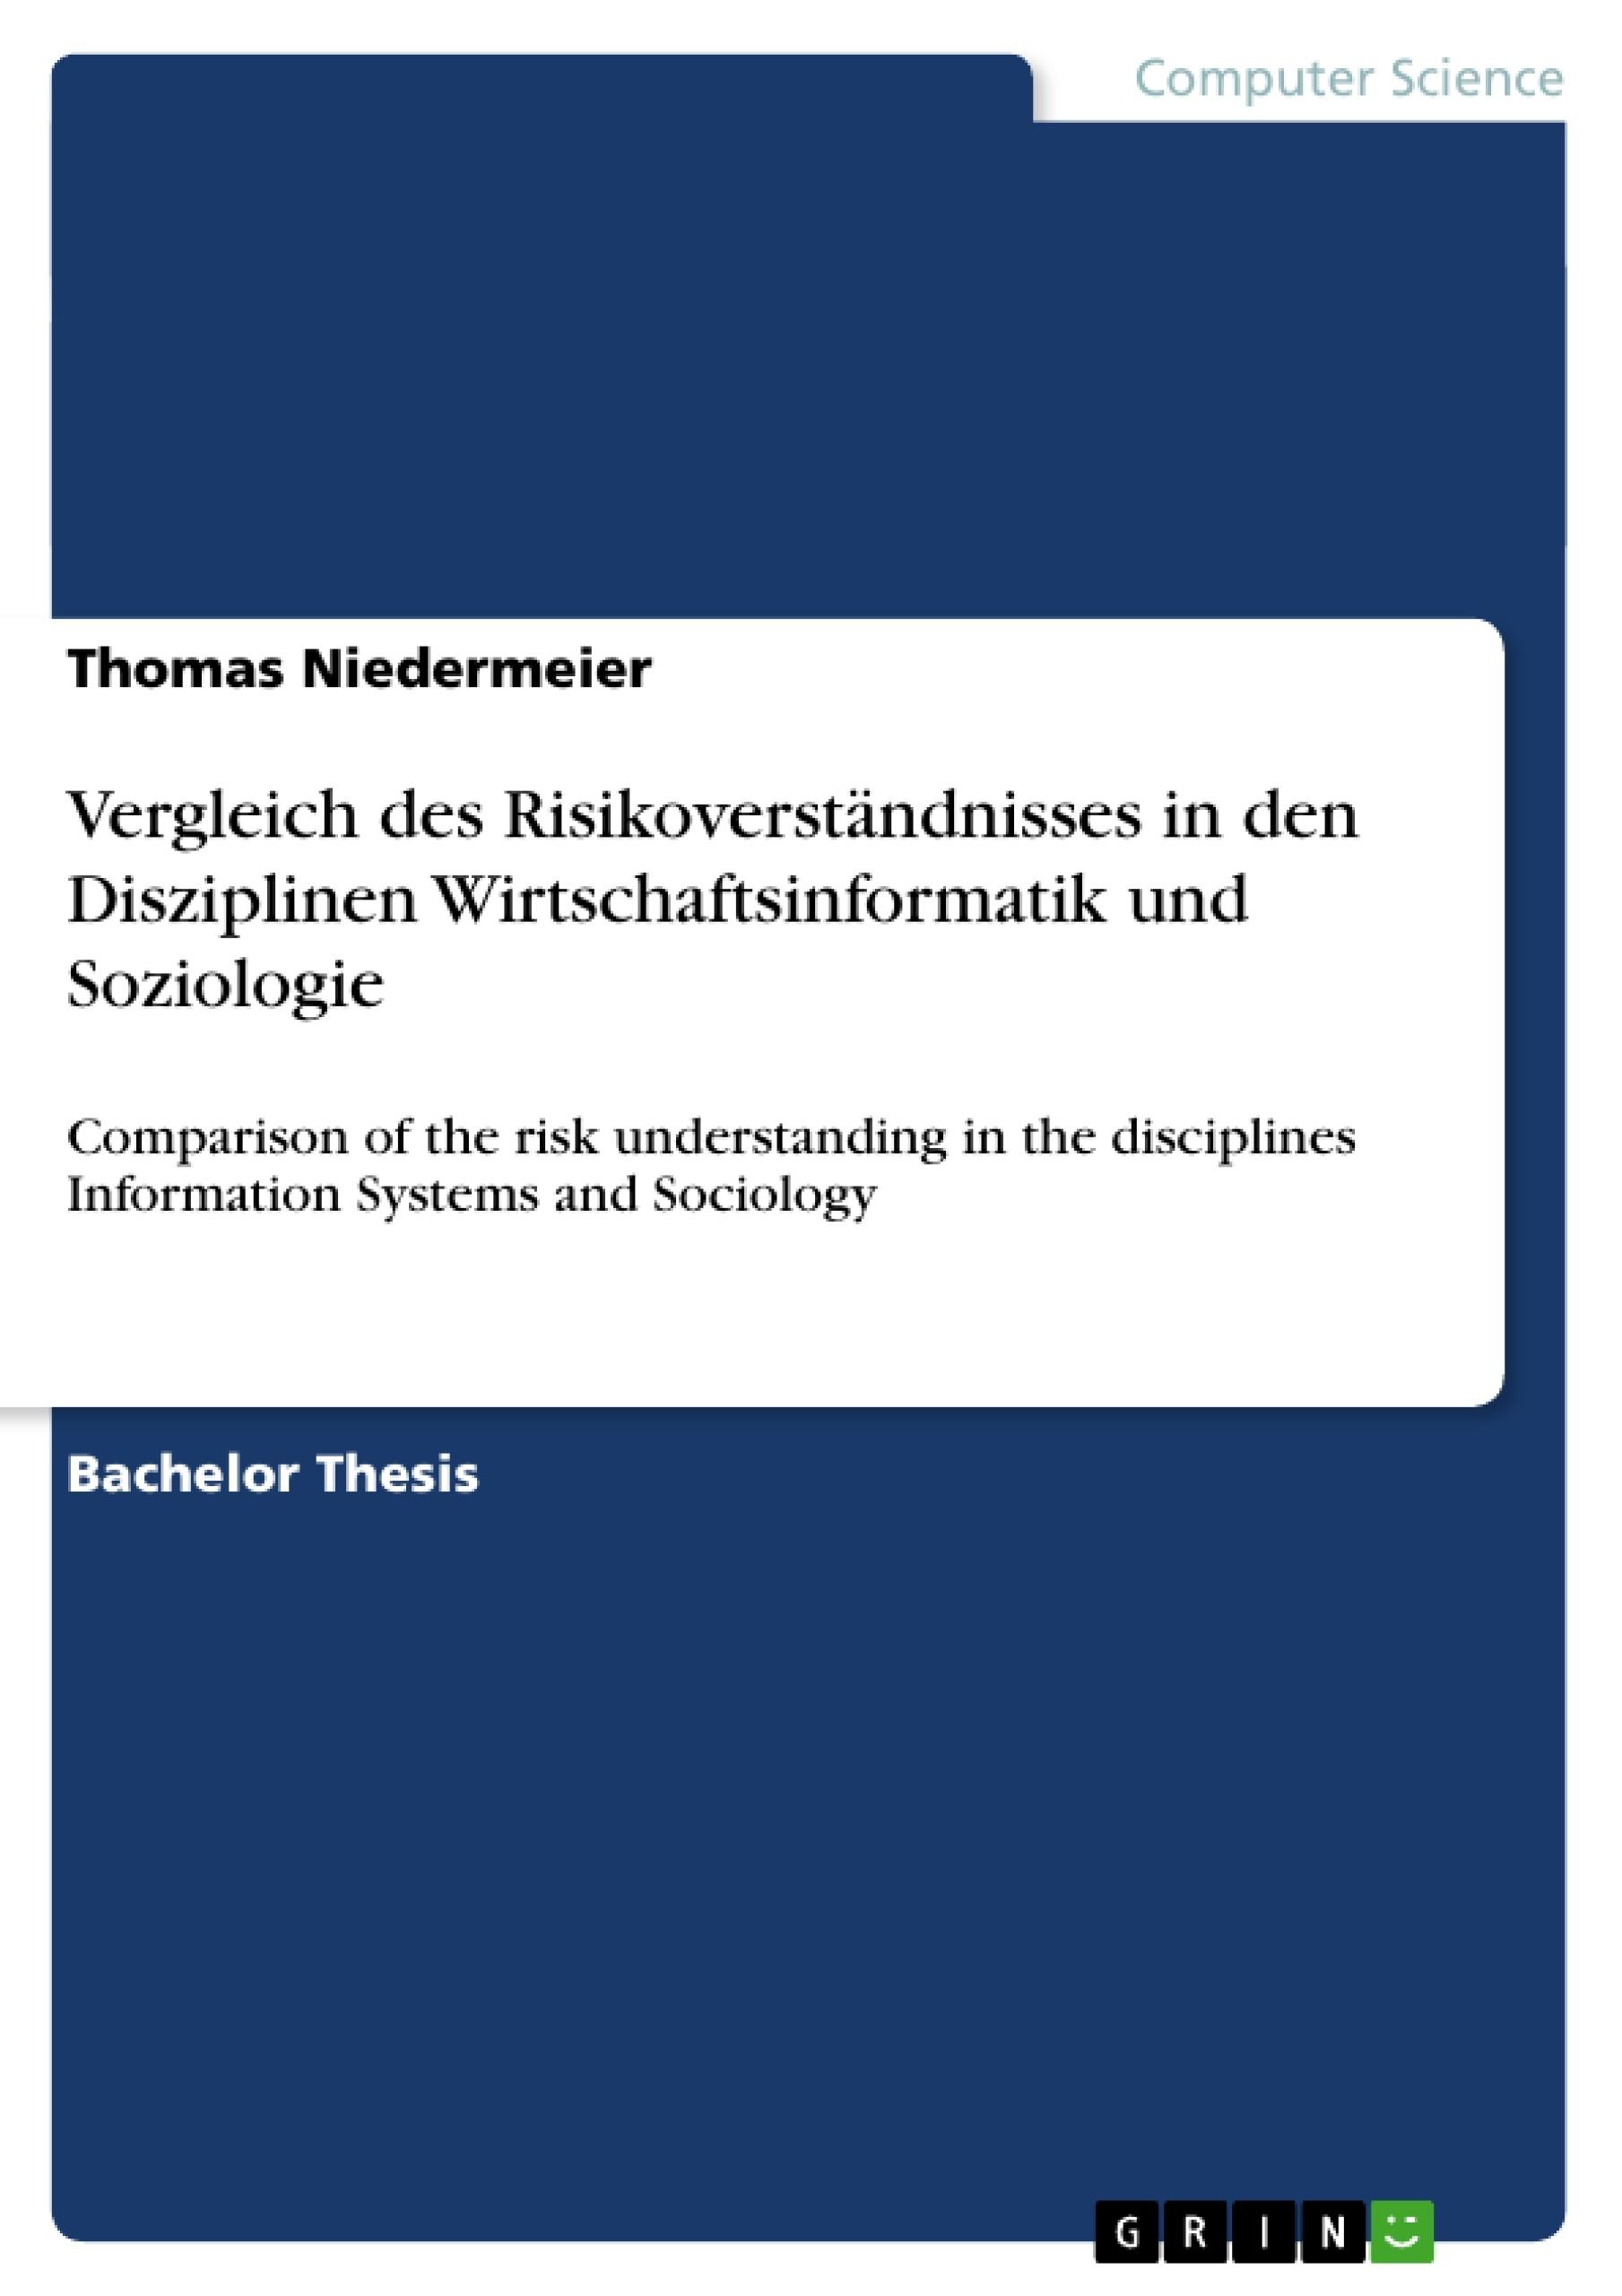 Title: Vergleich des Risikoverständnisses in den Disziplinen Wirtschaftsinformatik und Soziologie